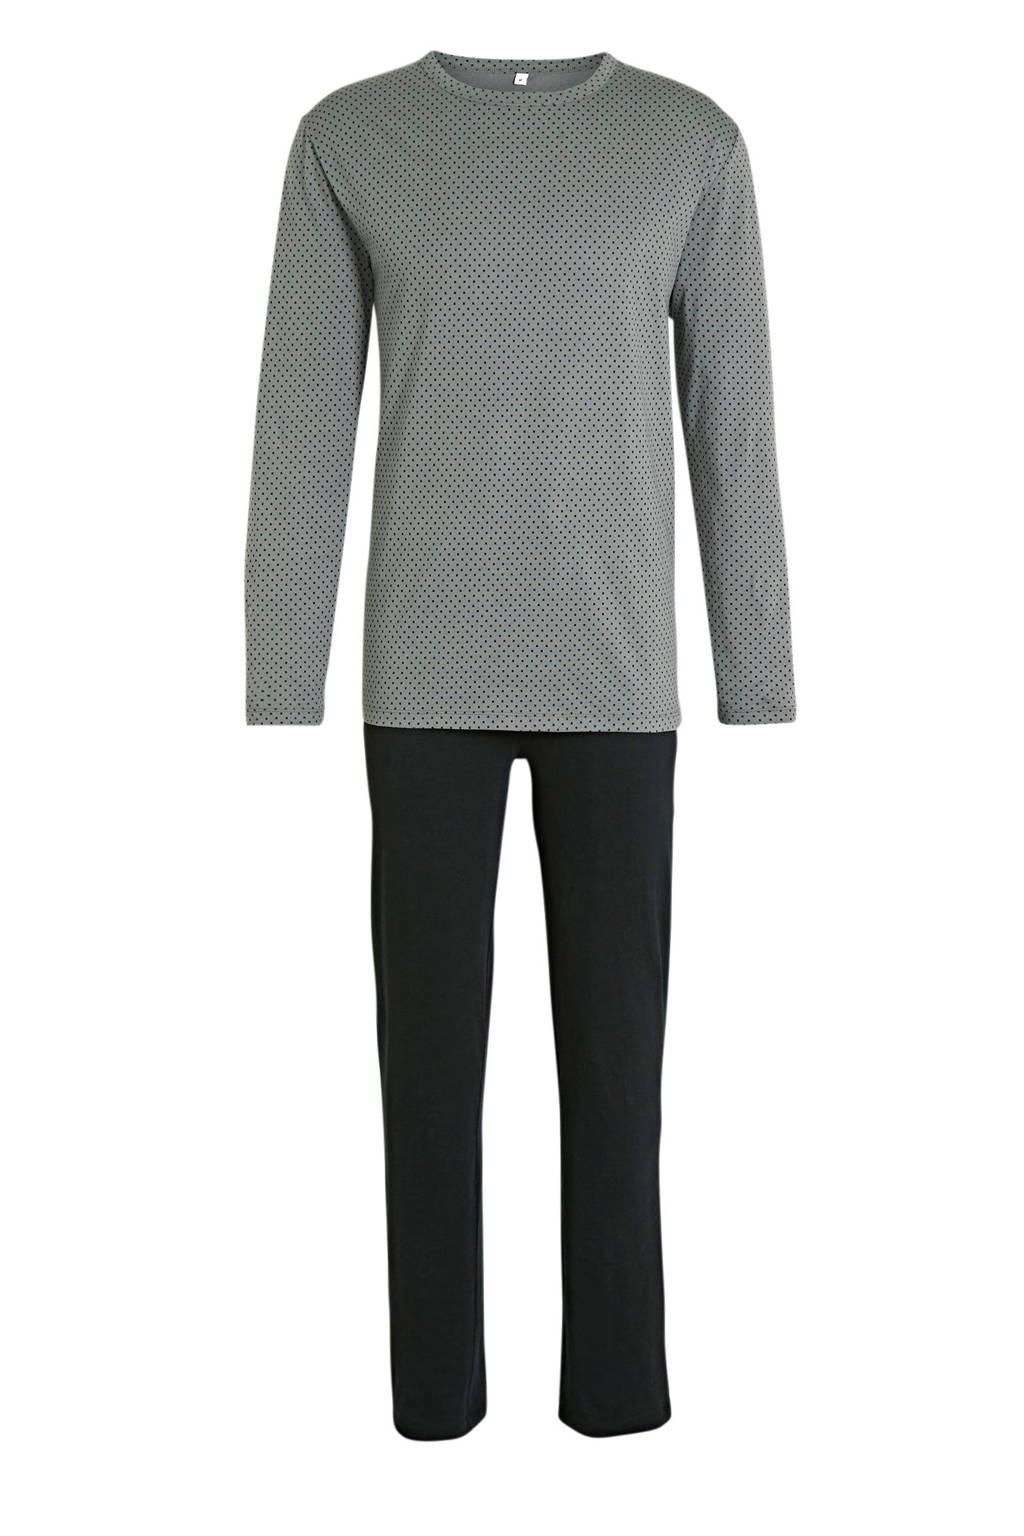 ten Cate pyjama met stippen grijs/zwart, Grijs/zwart